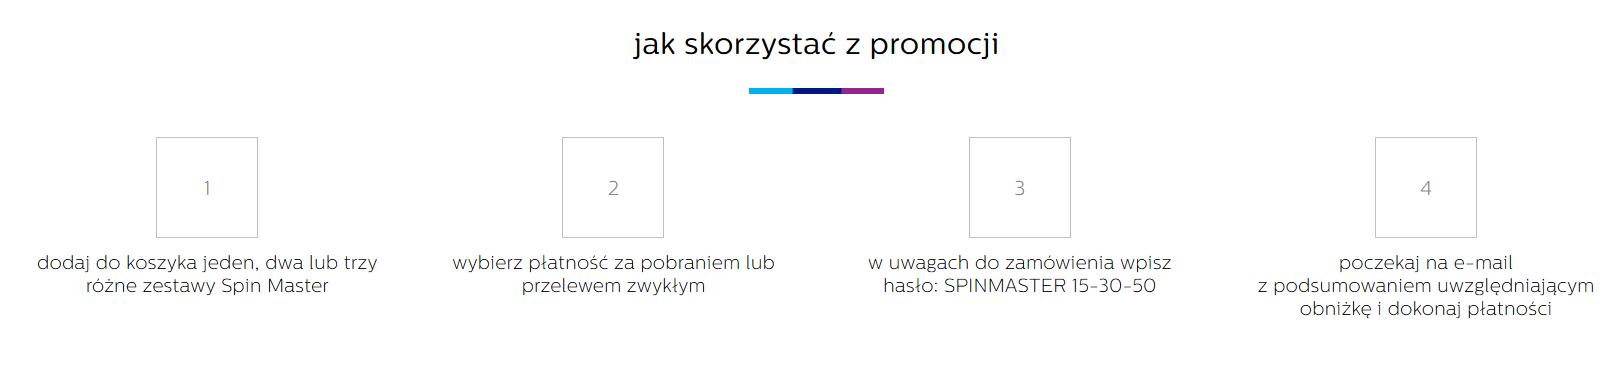 289858-jYLhg.jpg